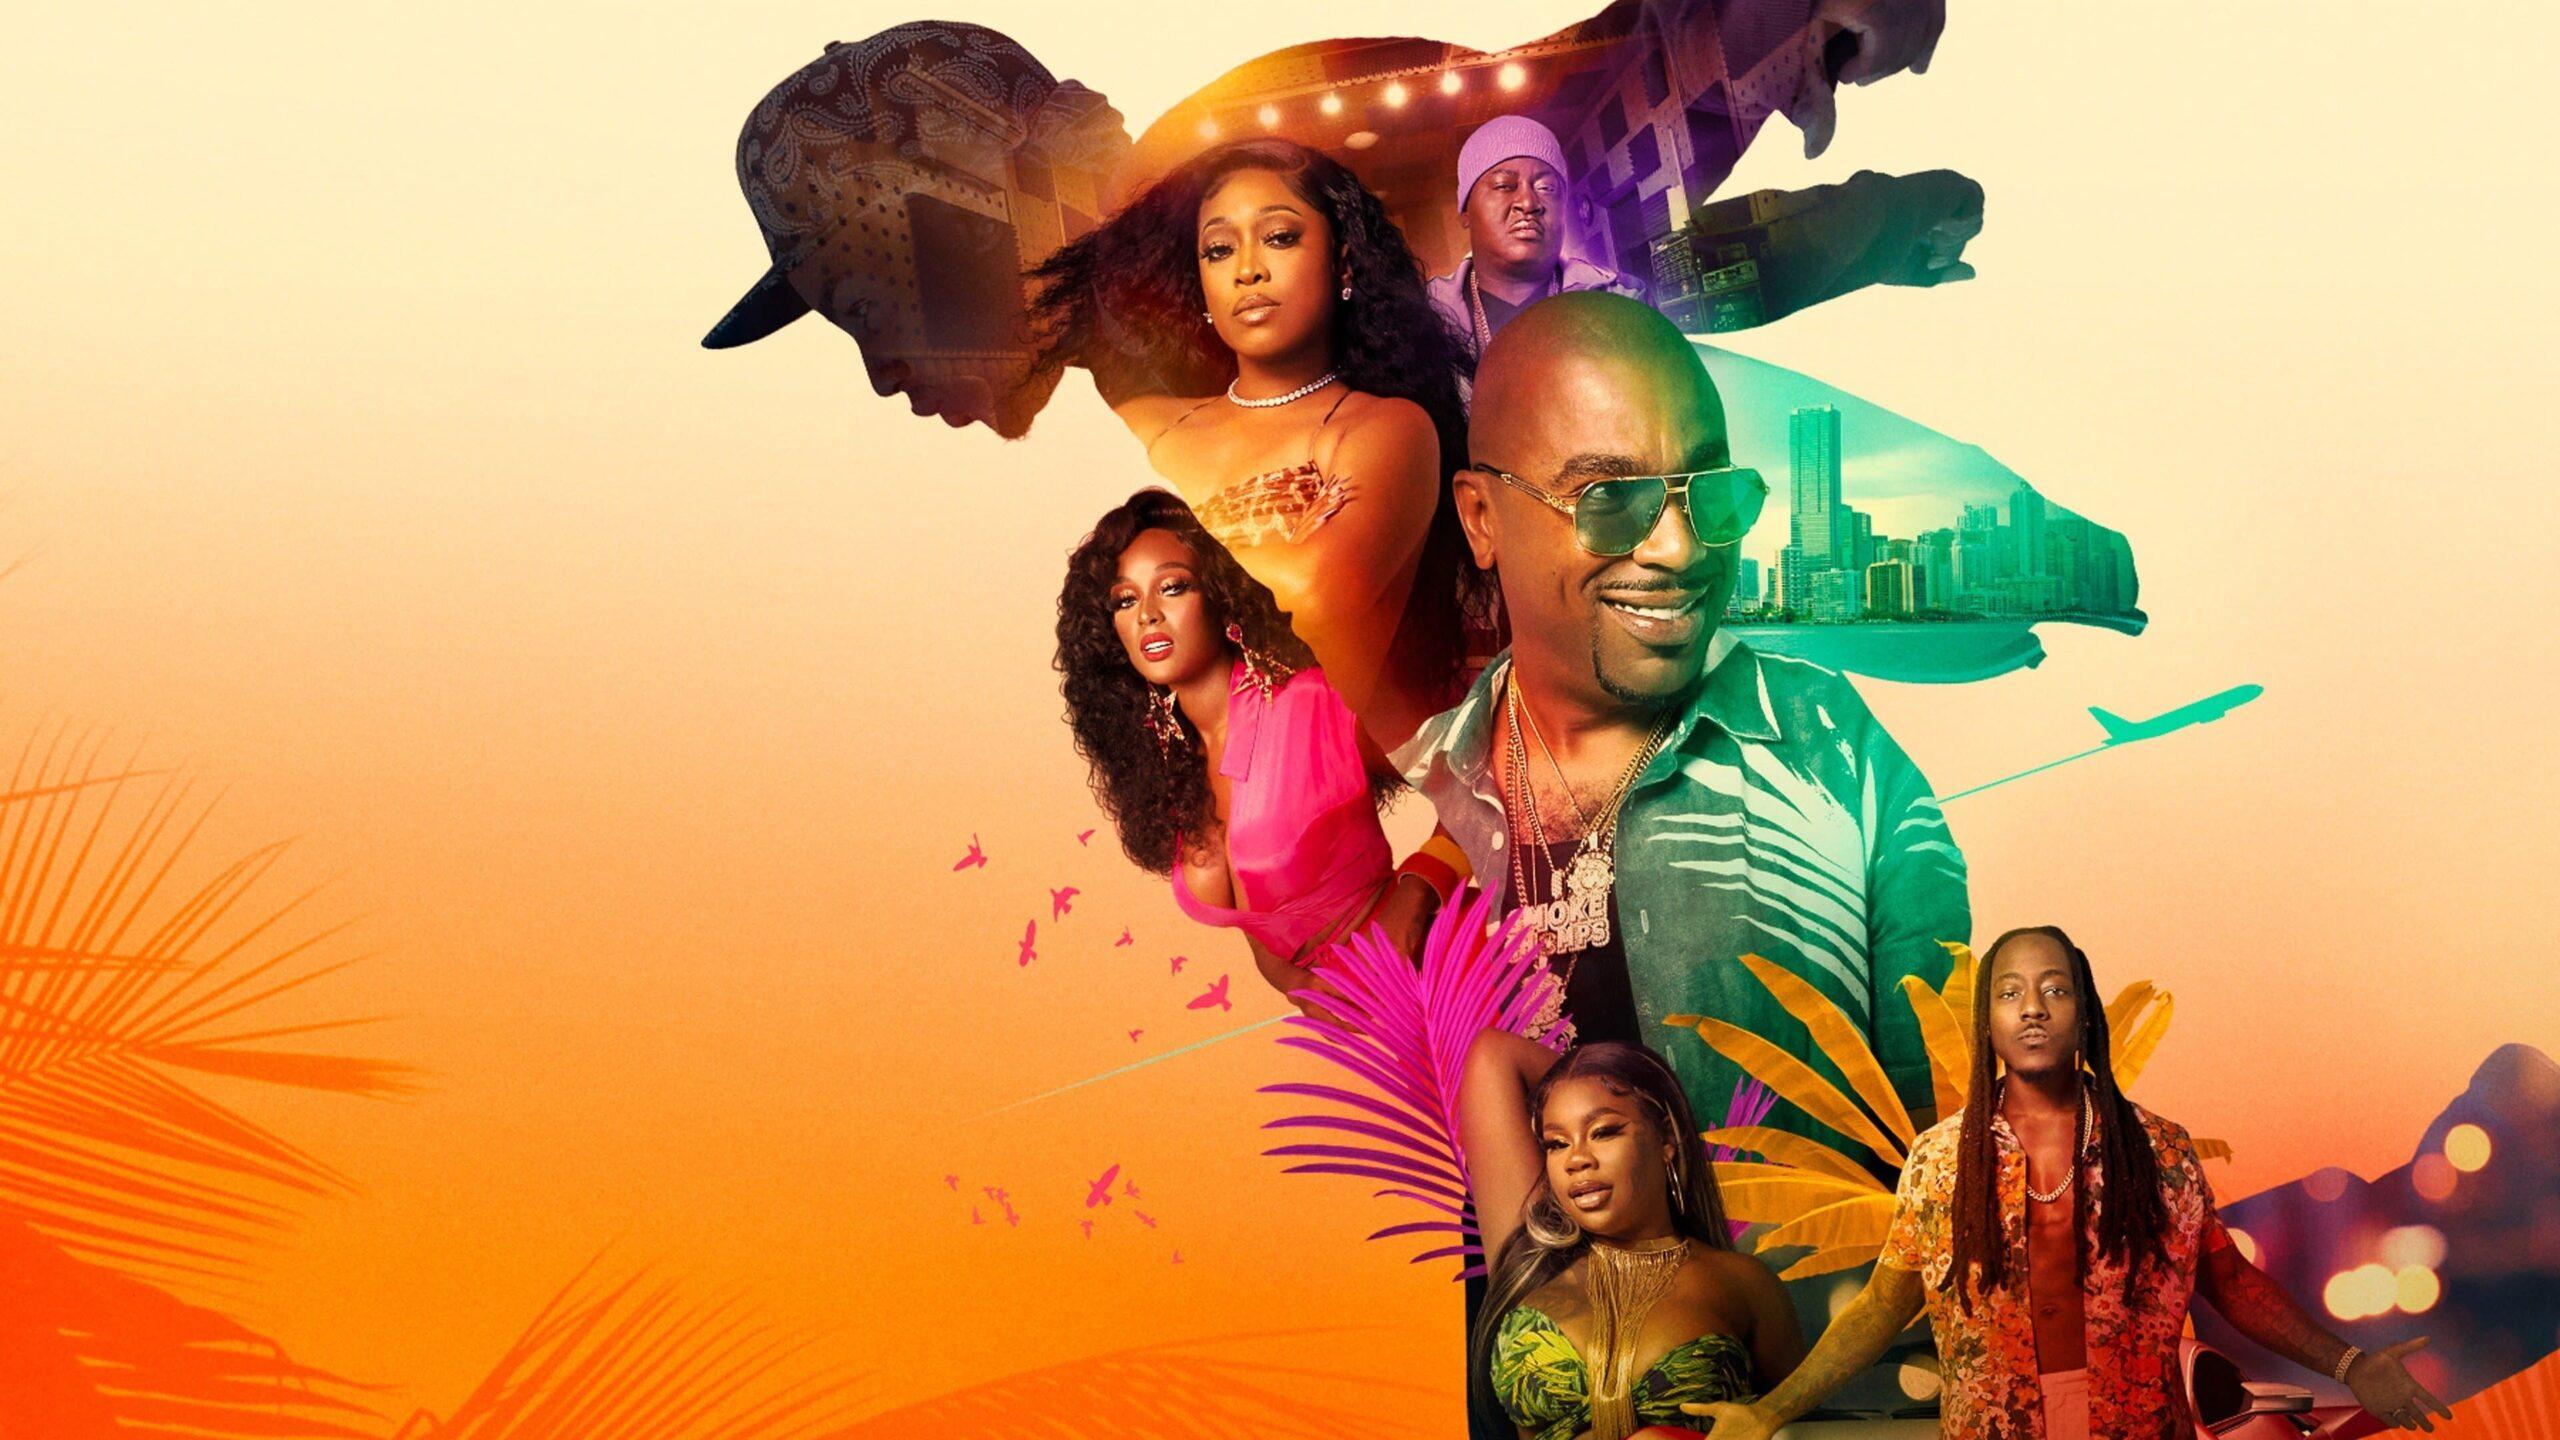 Love & Hip Hop Miami Season 4 Episode 9